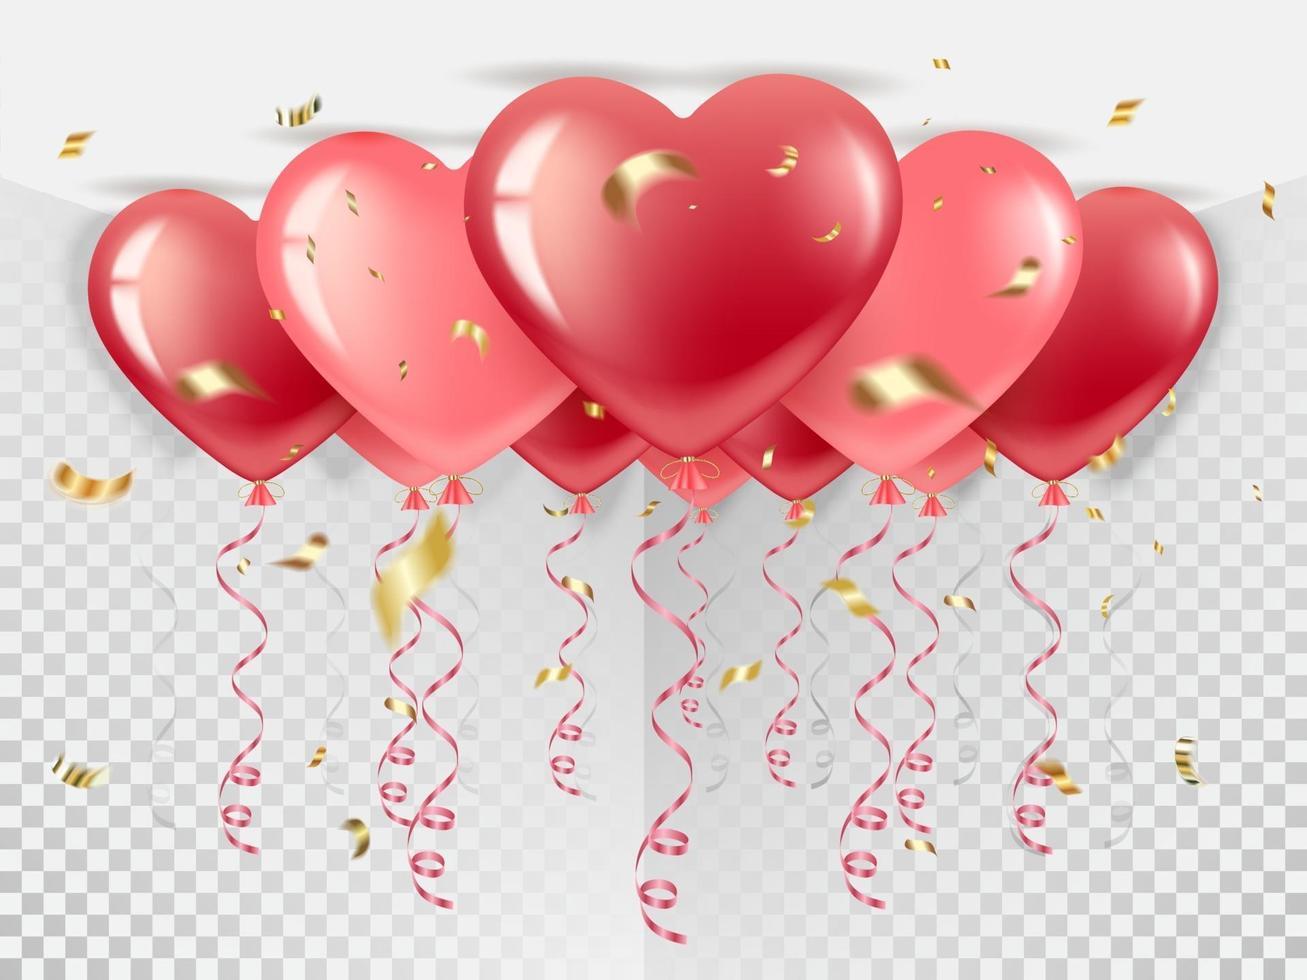 palloncini a forma di cuore sul soffitto vettore